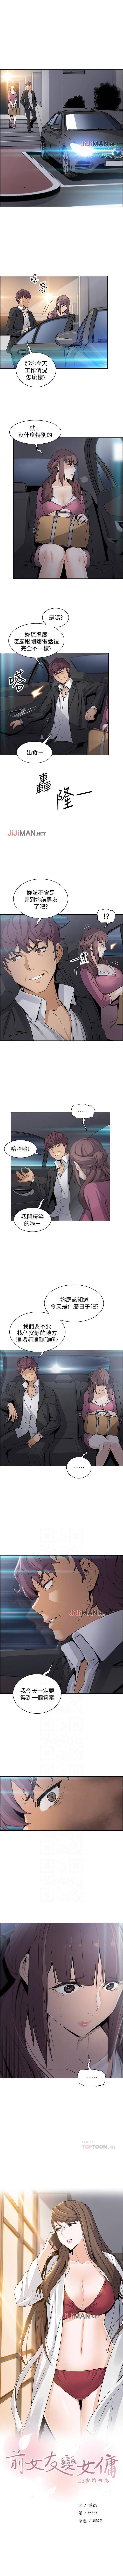 【周四连载】前女友变女佣(作者:PAPER&頸枕) 第1~33话 98